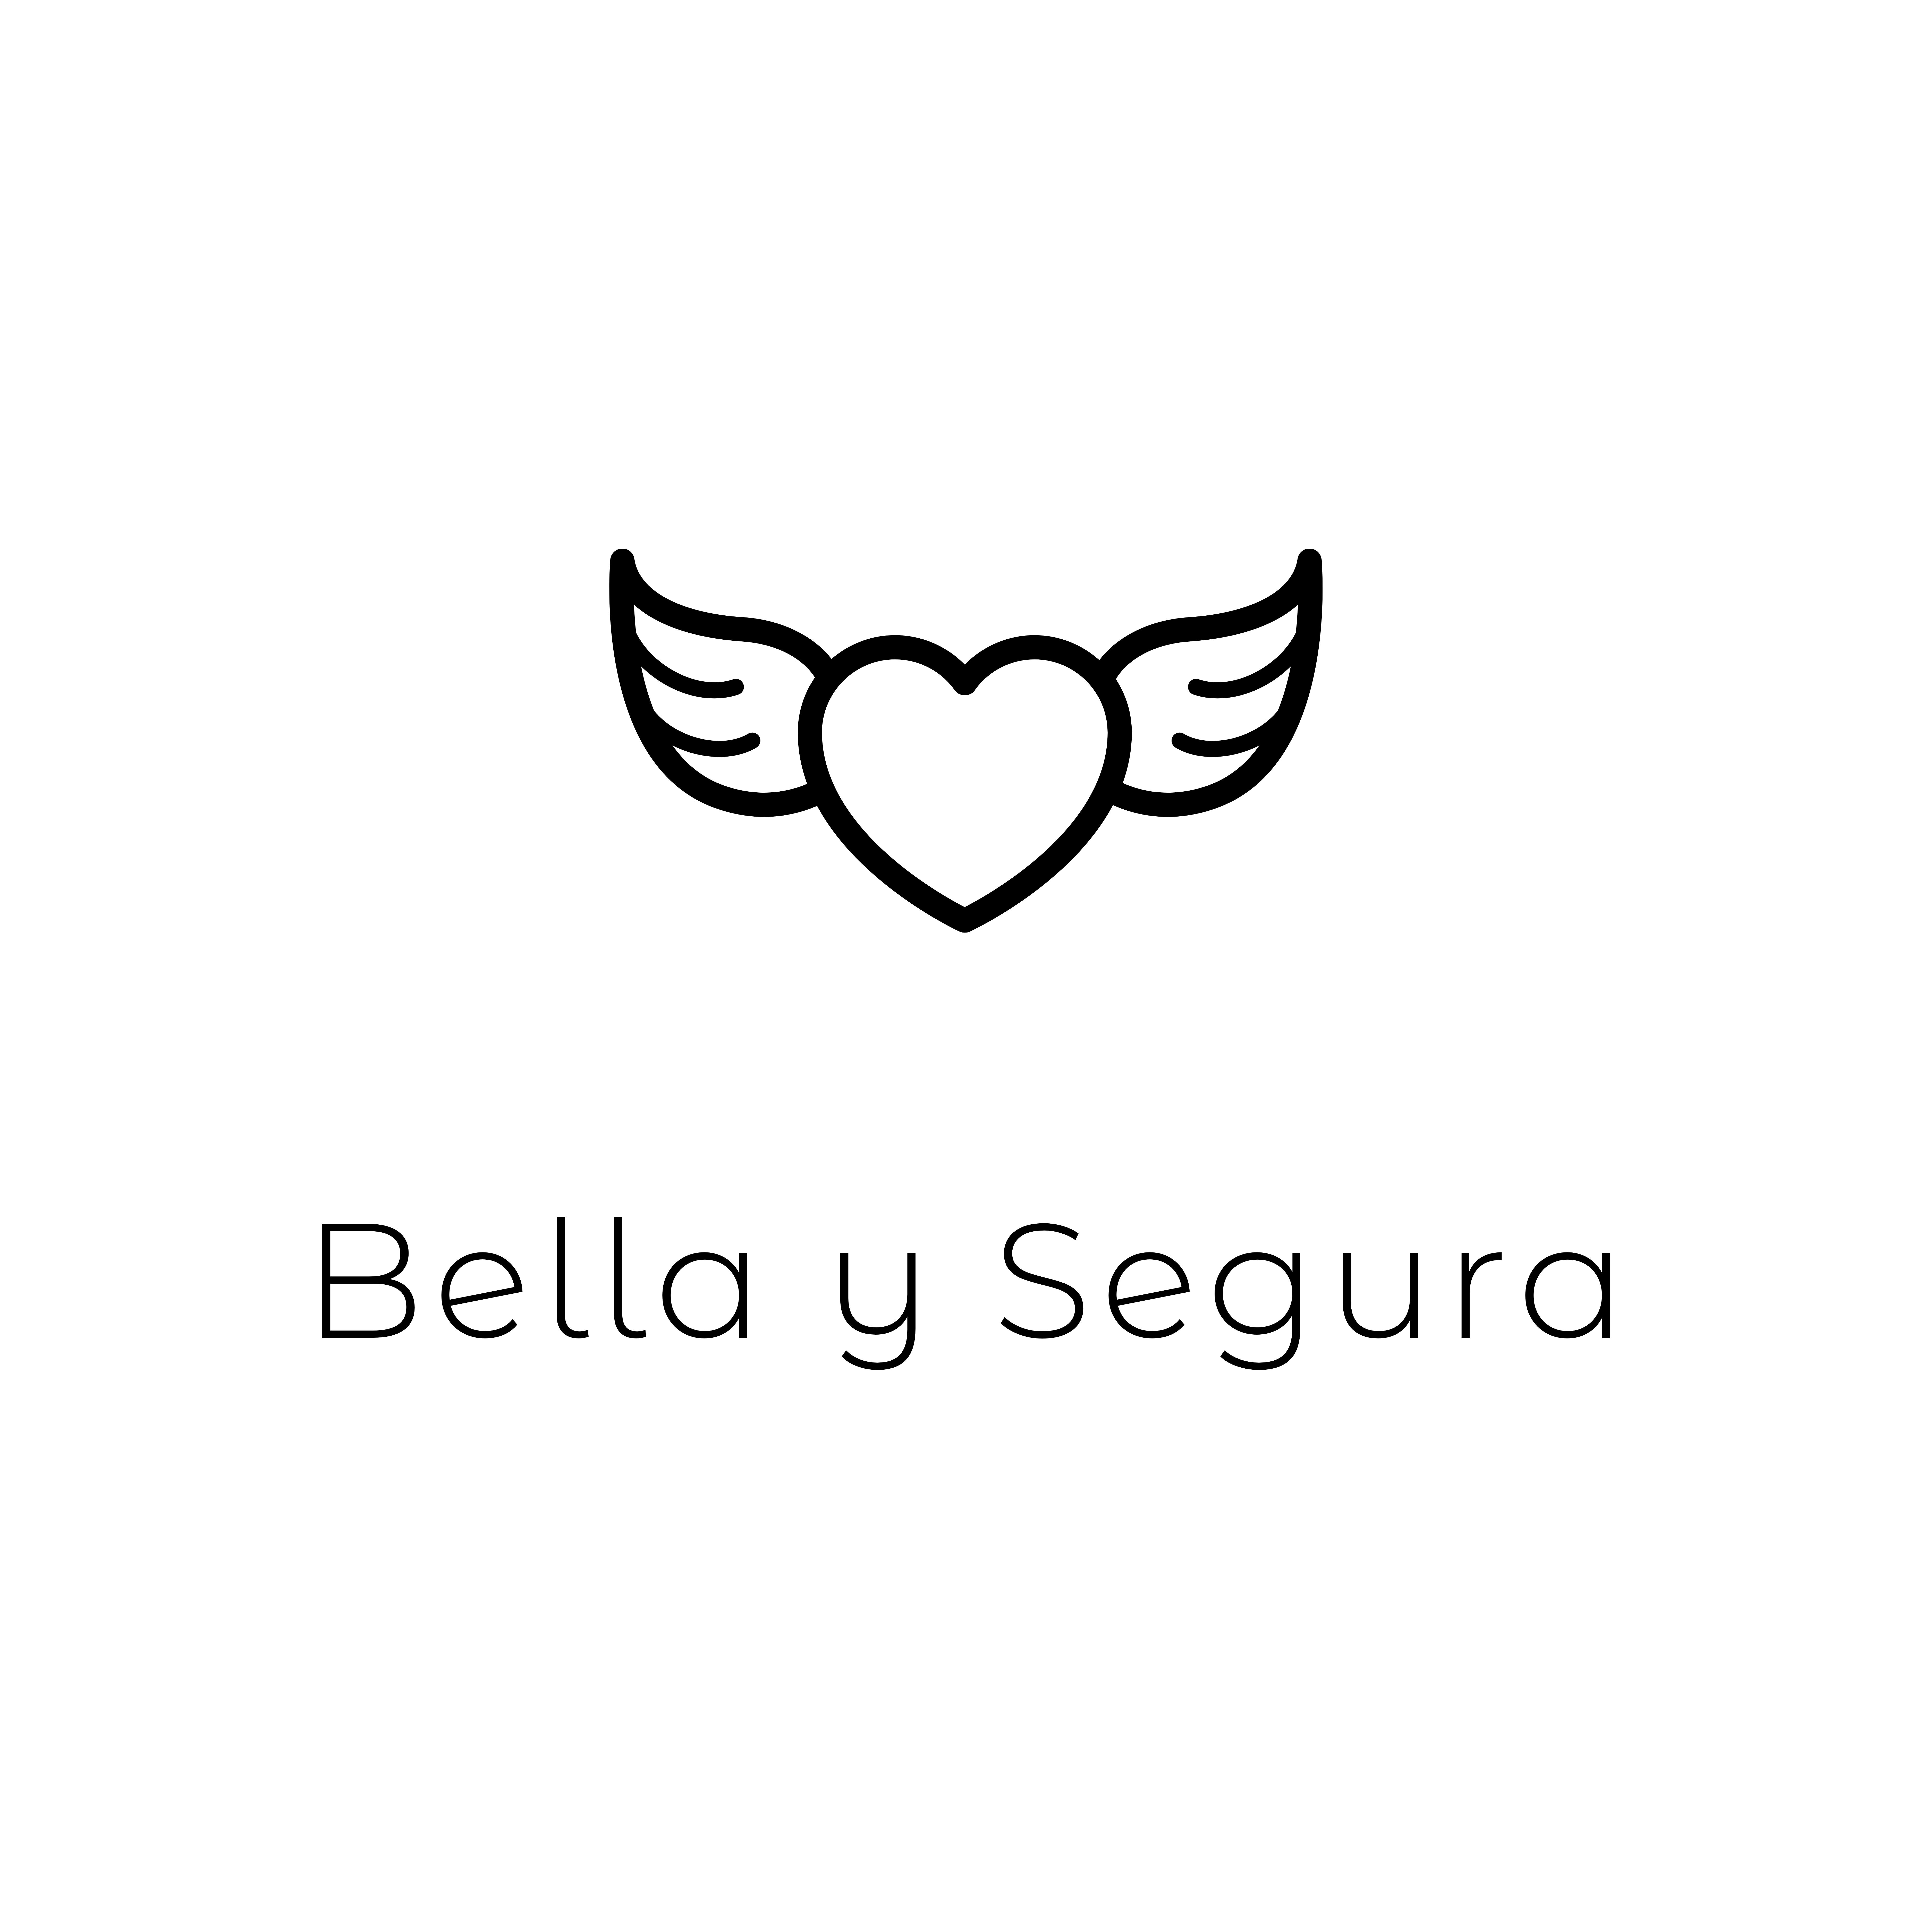 Empresas Desafio10x: Bella y Segura